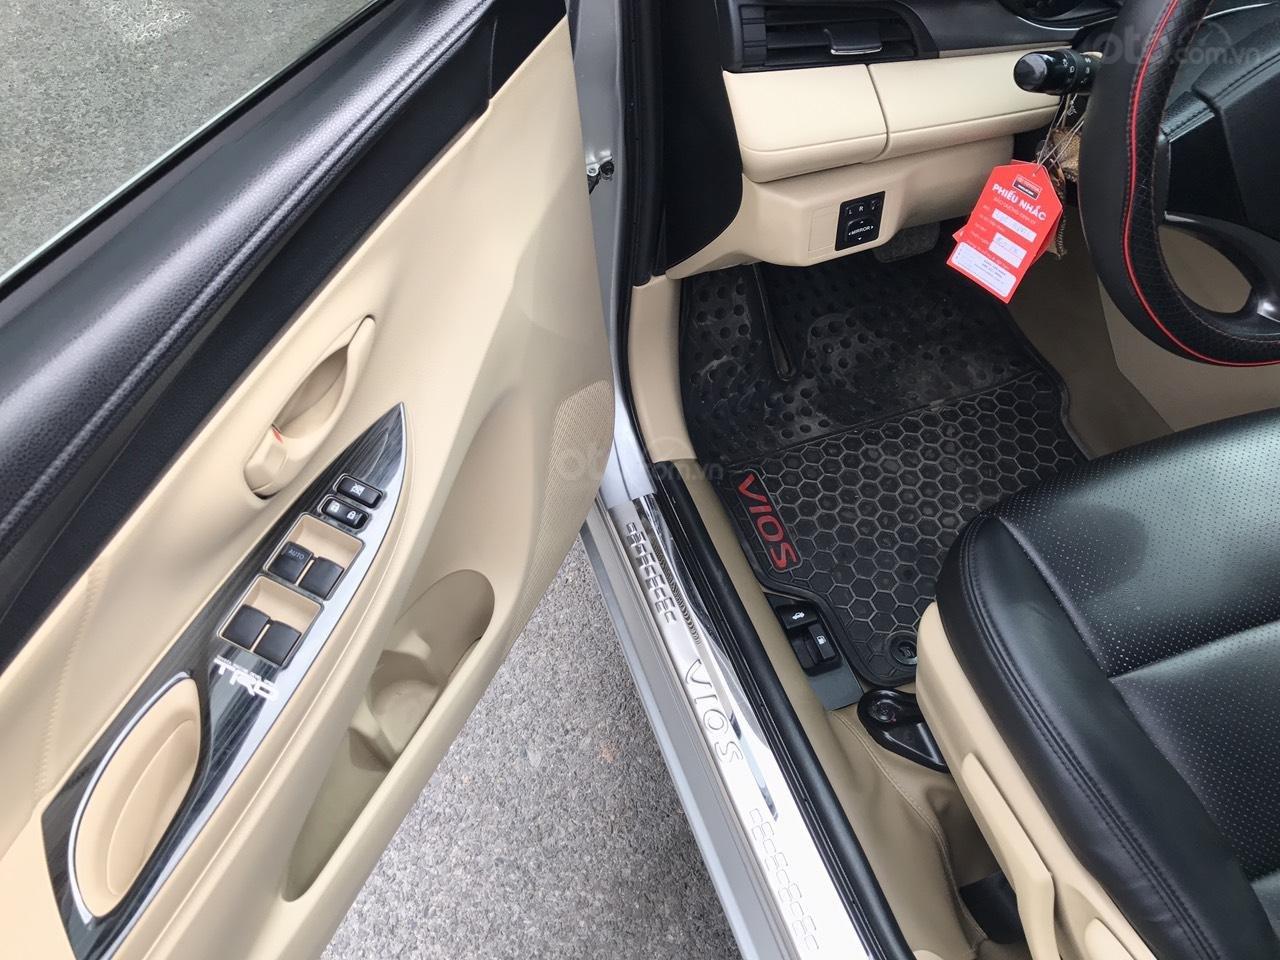 Bán xe Toyota Vios 1.5E CVT 2017, màu bạc, 1 chủ không lỗi nhỏ, xe mới cứng (8)